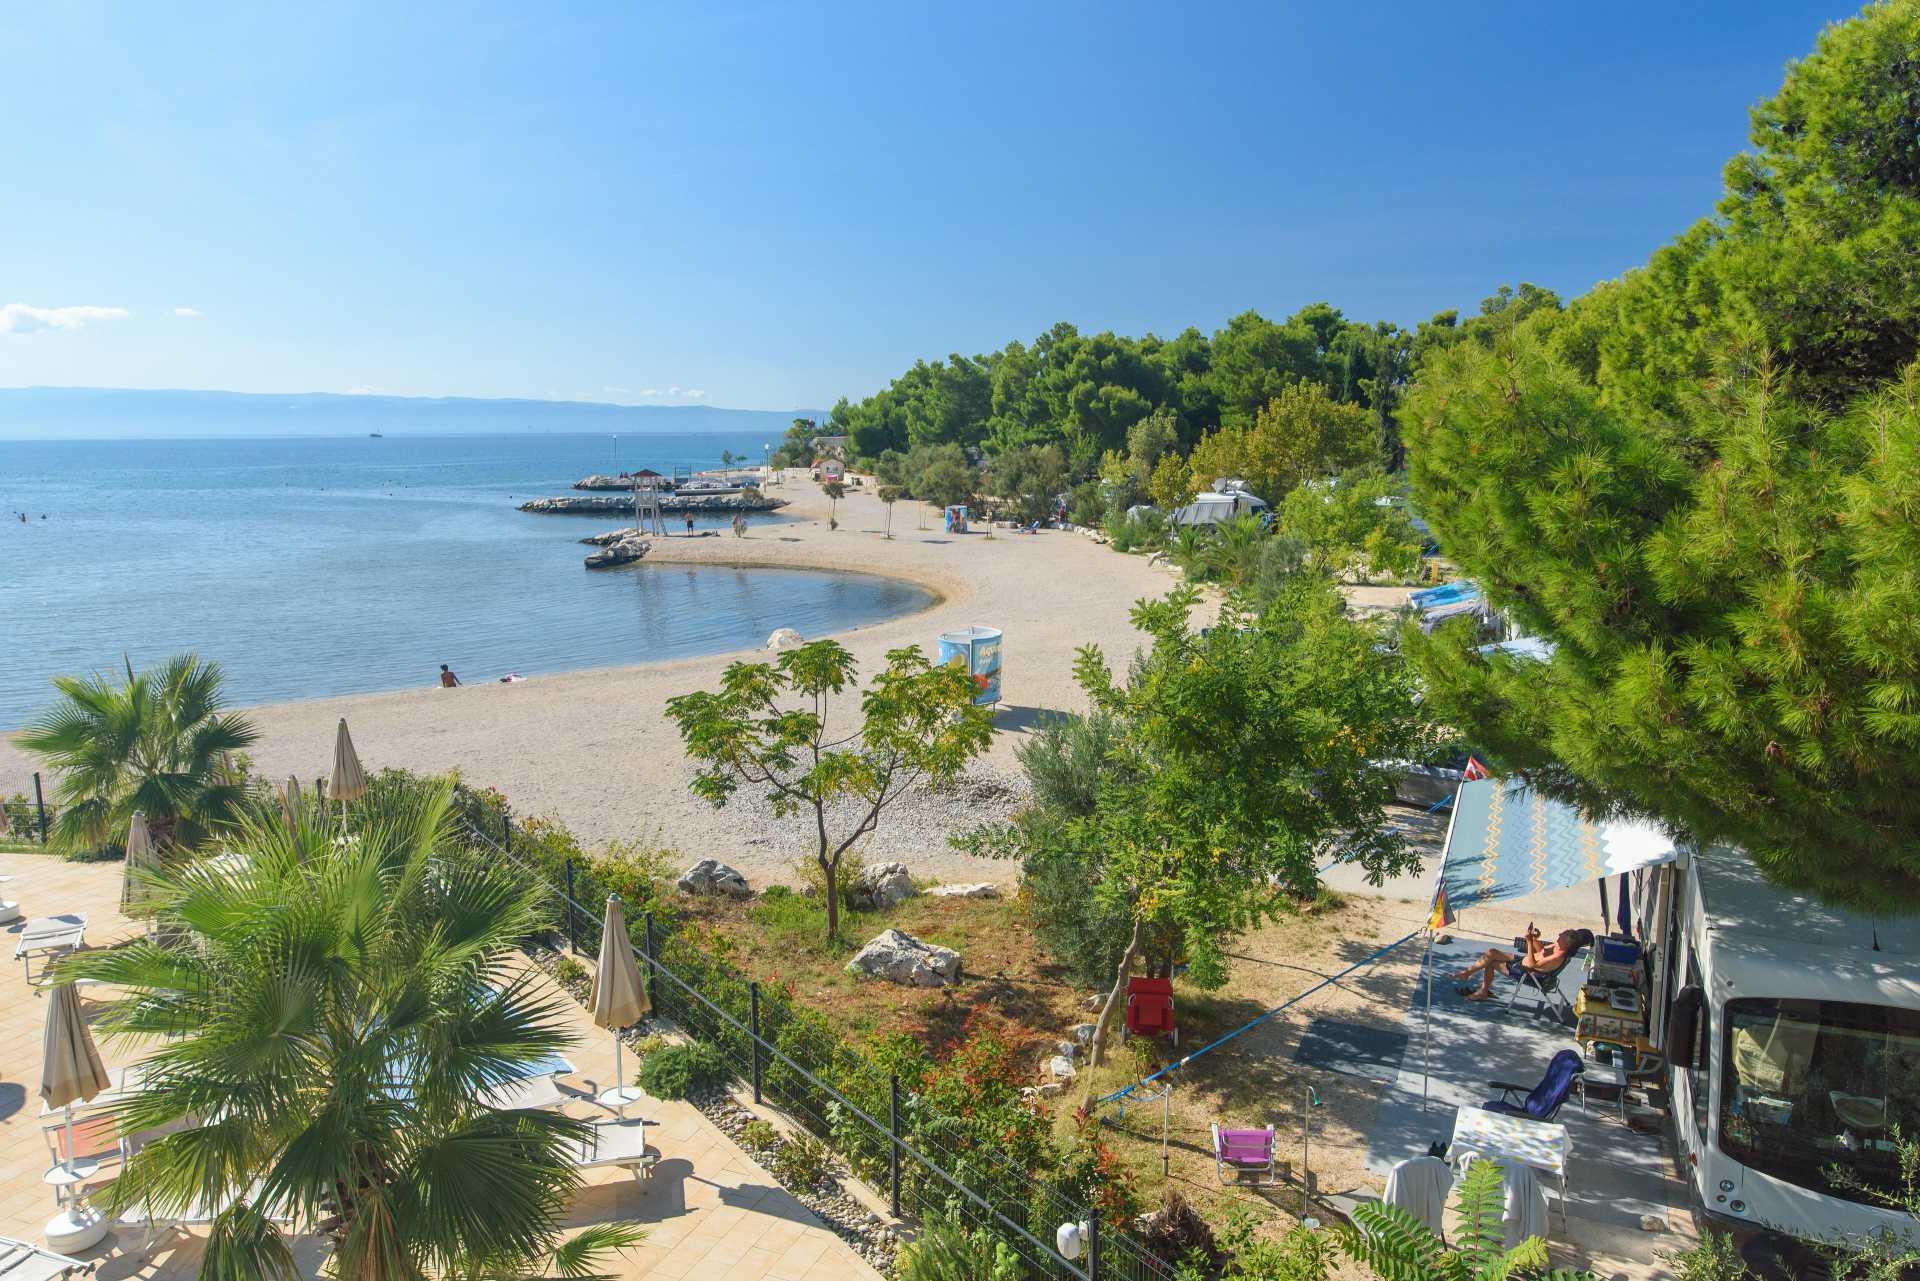 Beach - Camping Stobreč Split